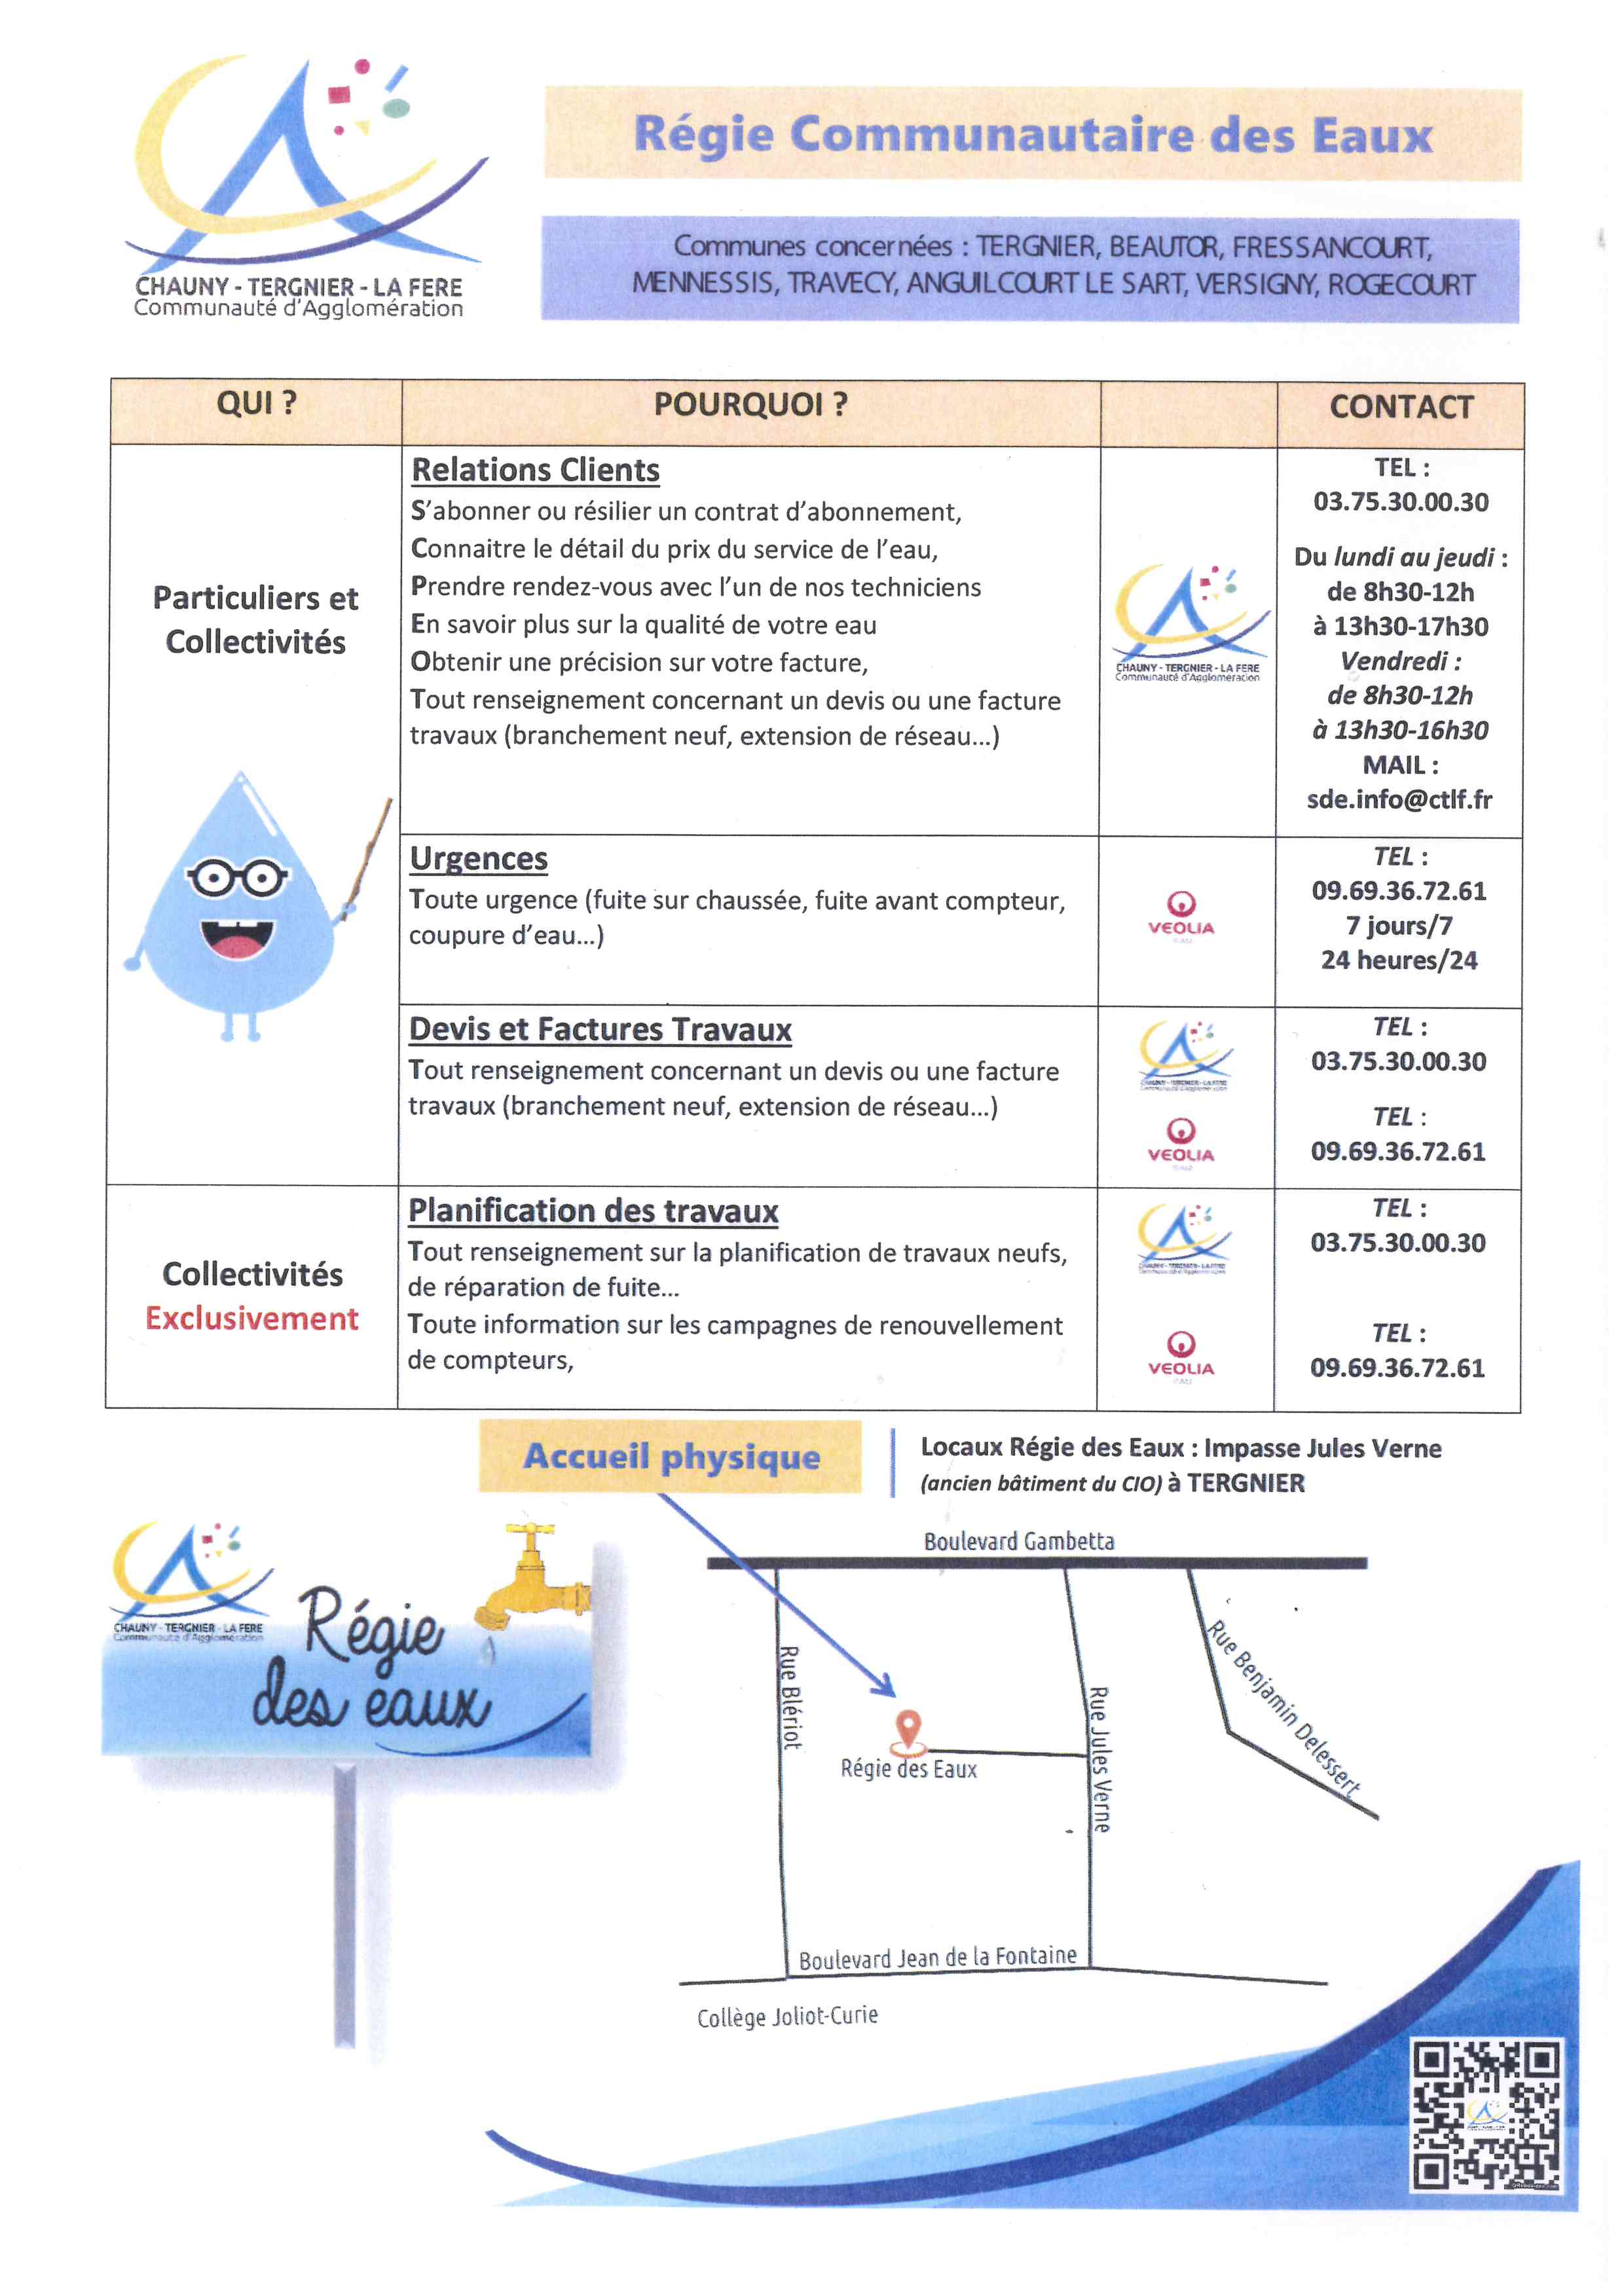 régie-communautaire-des-eaux